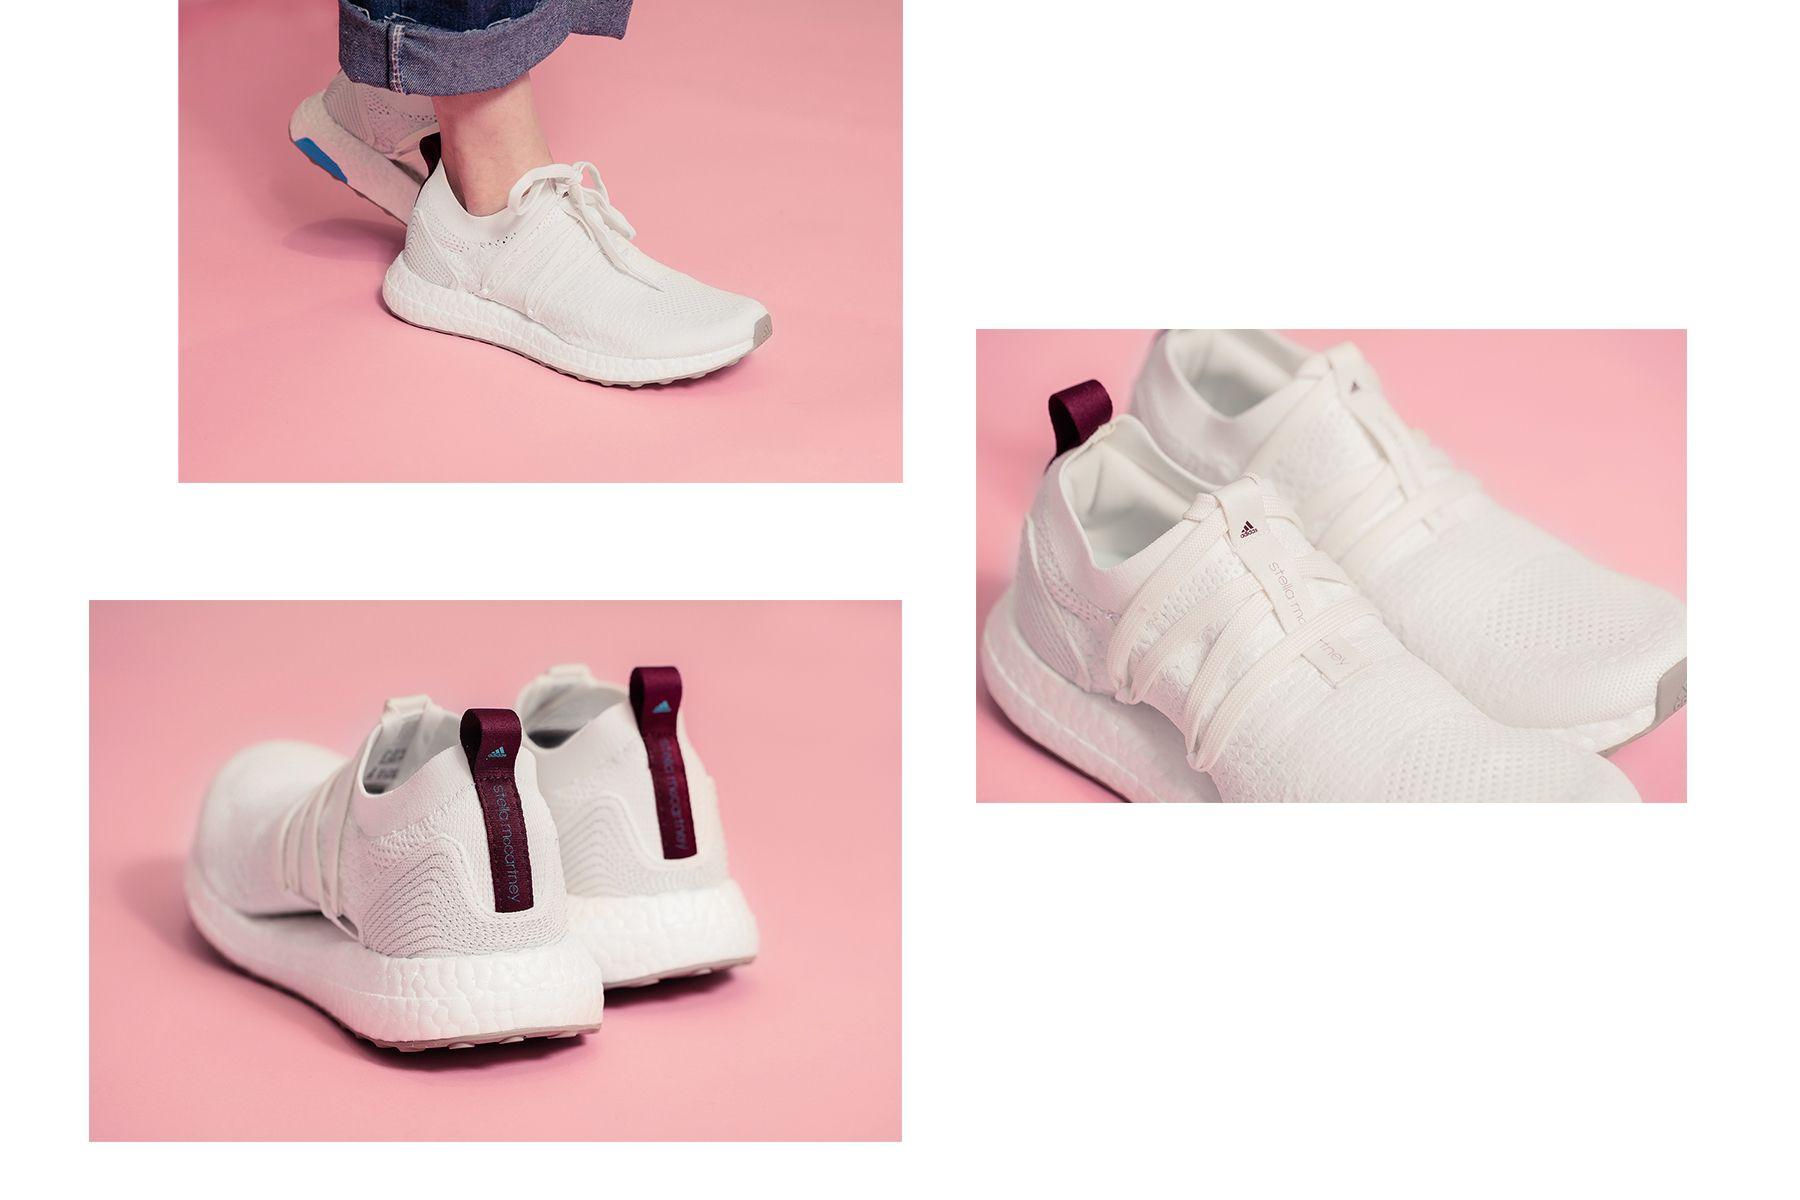 0ef508ddb2dfb adidas by Stella McCartney Parley UltraBOOST X 2017 White